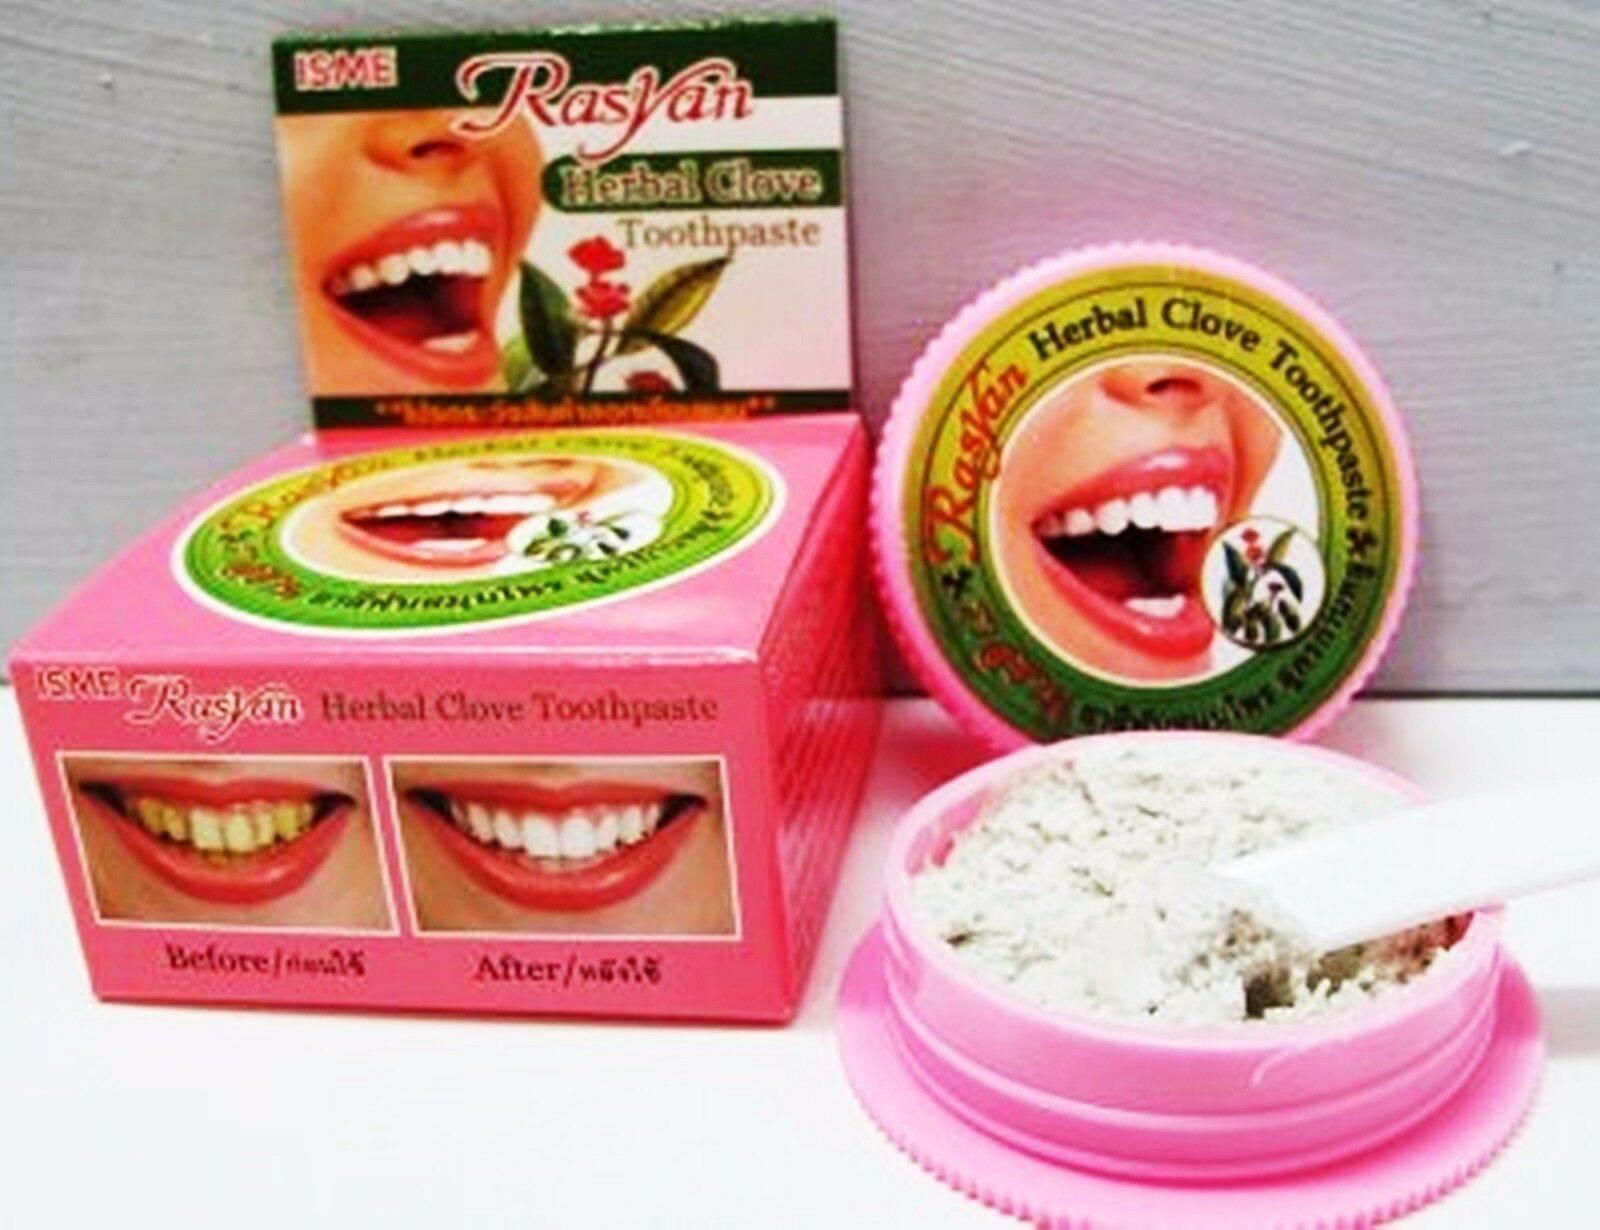 Зубная паста из таиланда: описание разновидностей, нюансы применения